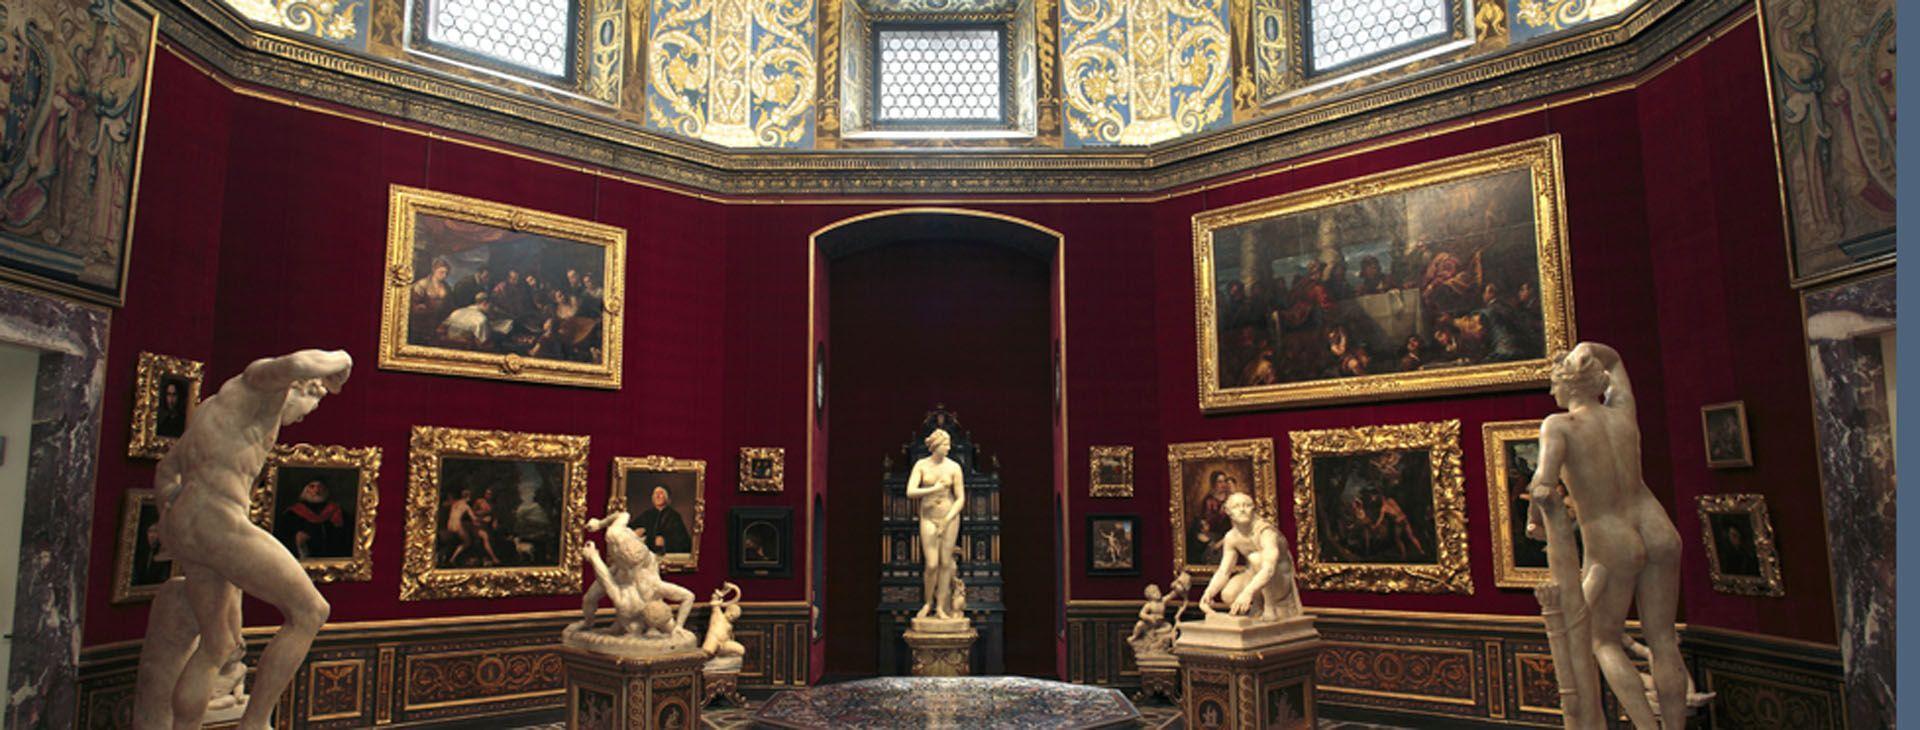 Один із залів галереї